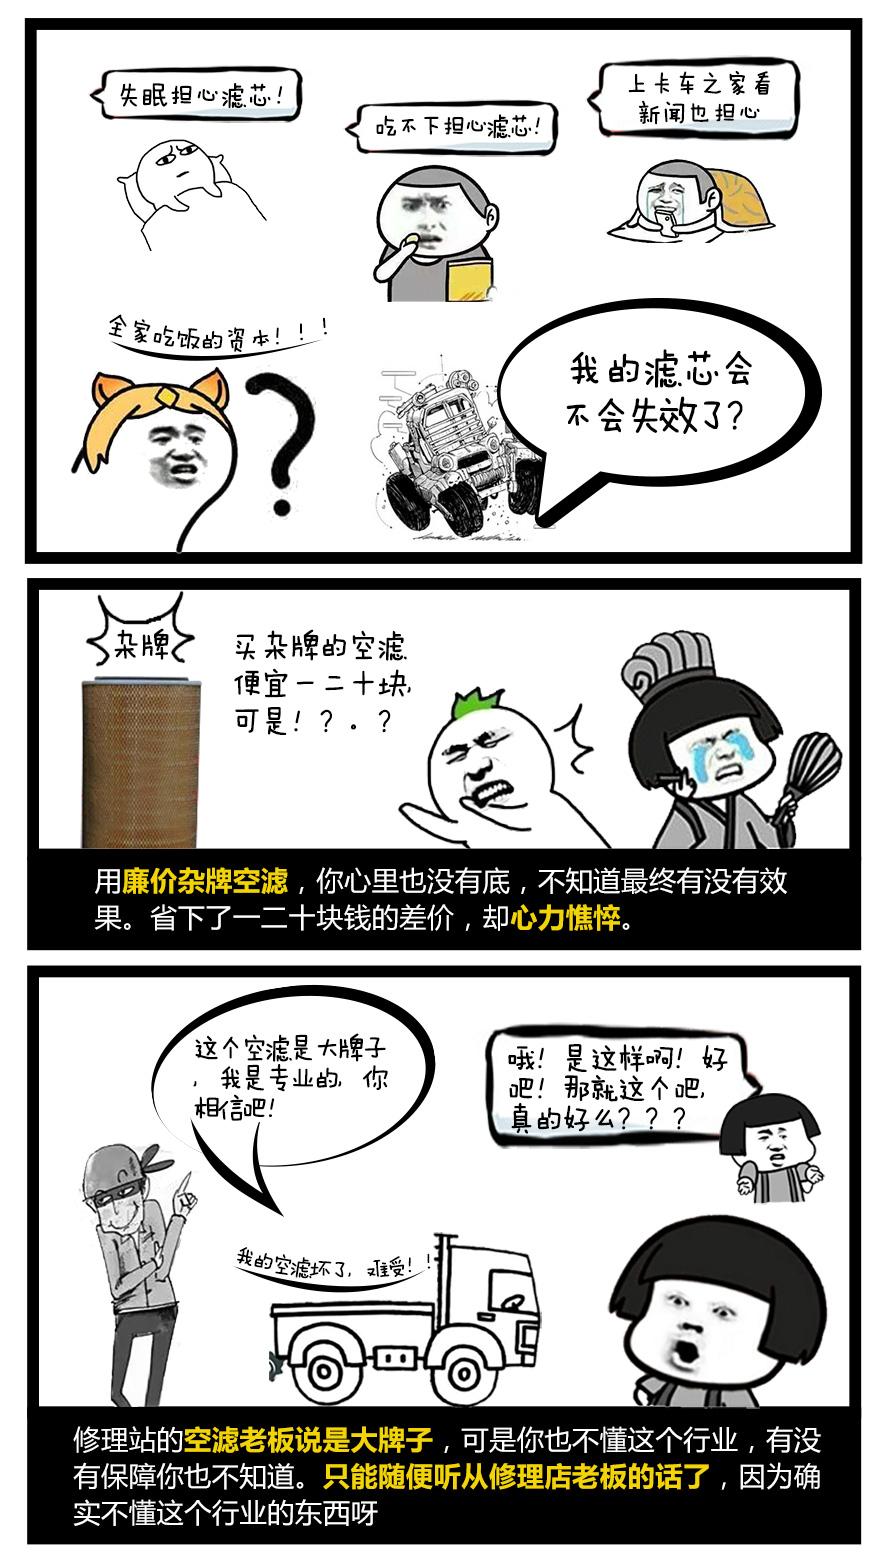 唐纳森详情公共部分_02.jpg